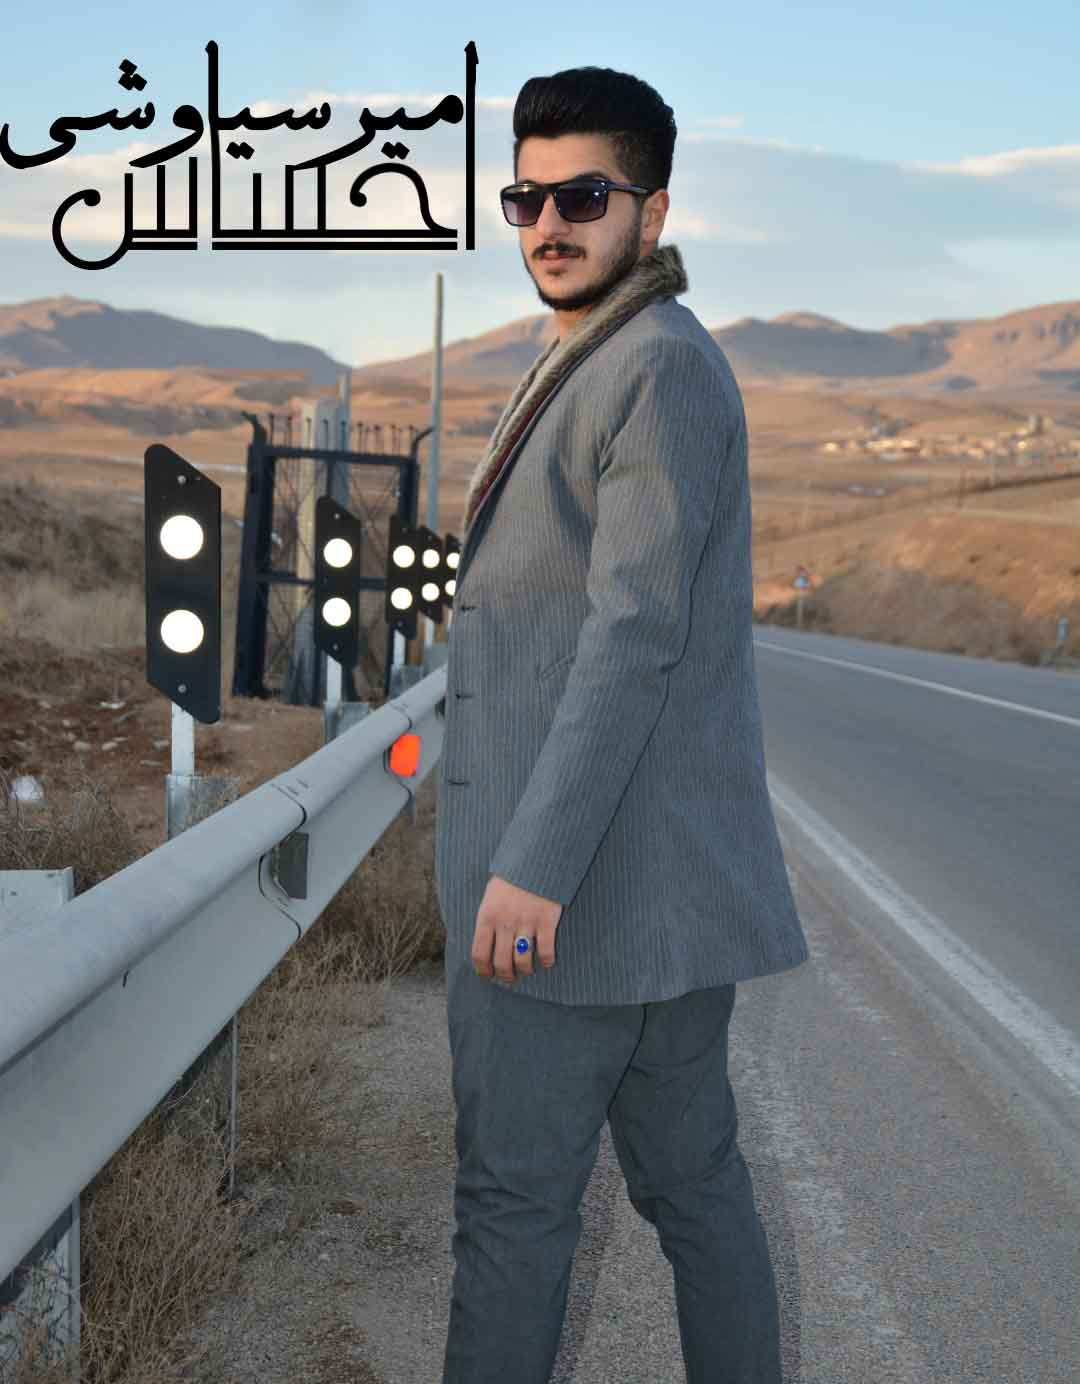 آهنگ جدید از امیر سیاوشی به نام احساس